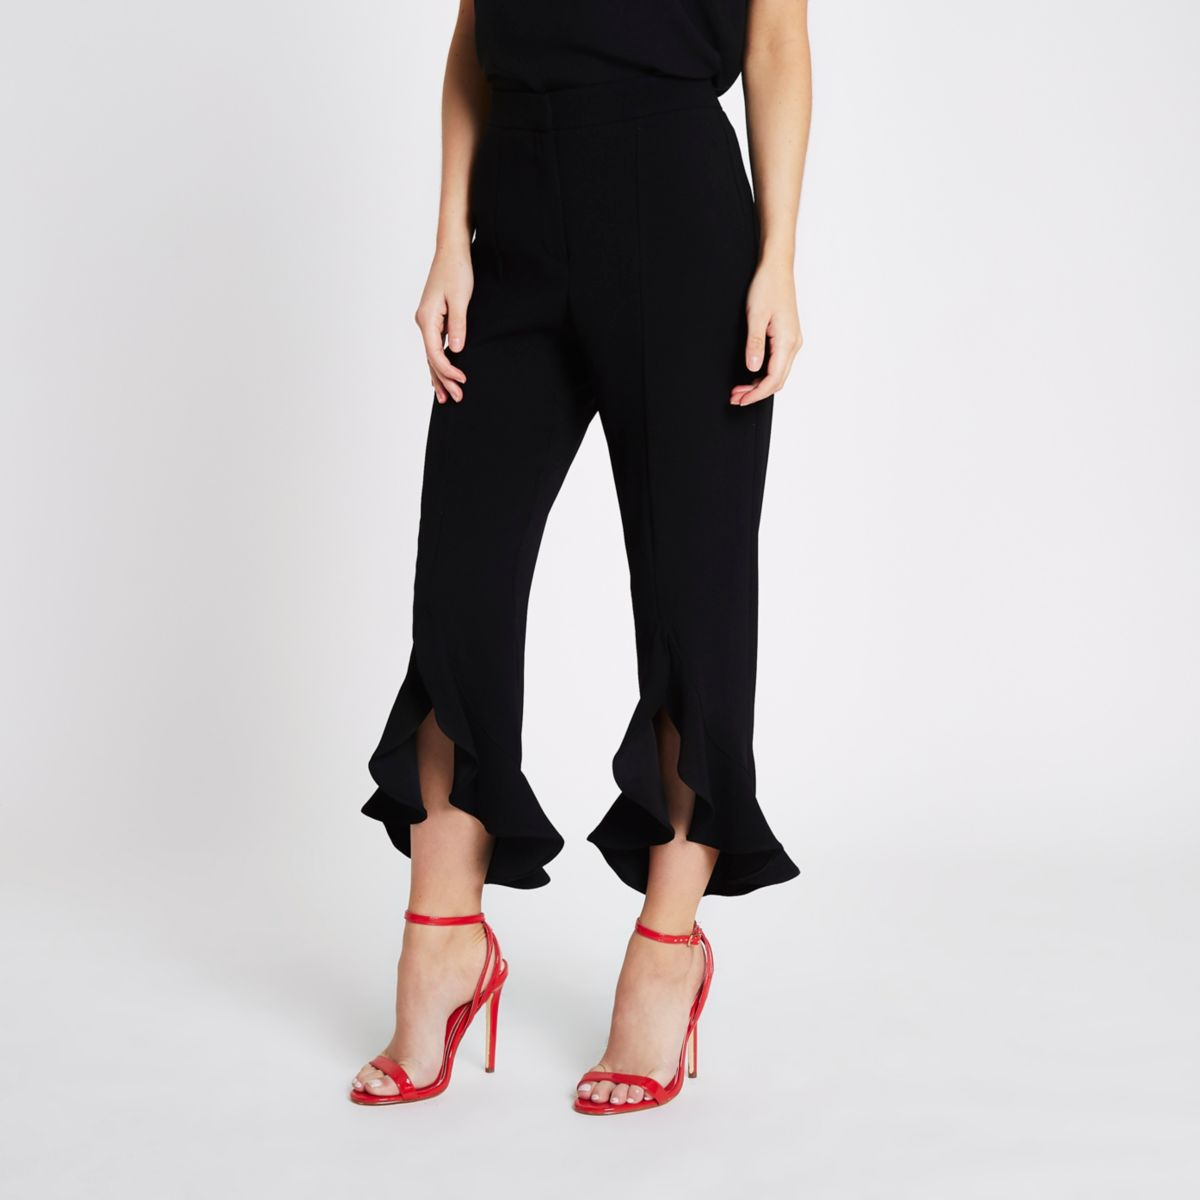 Petite black split frill hem trousers